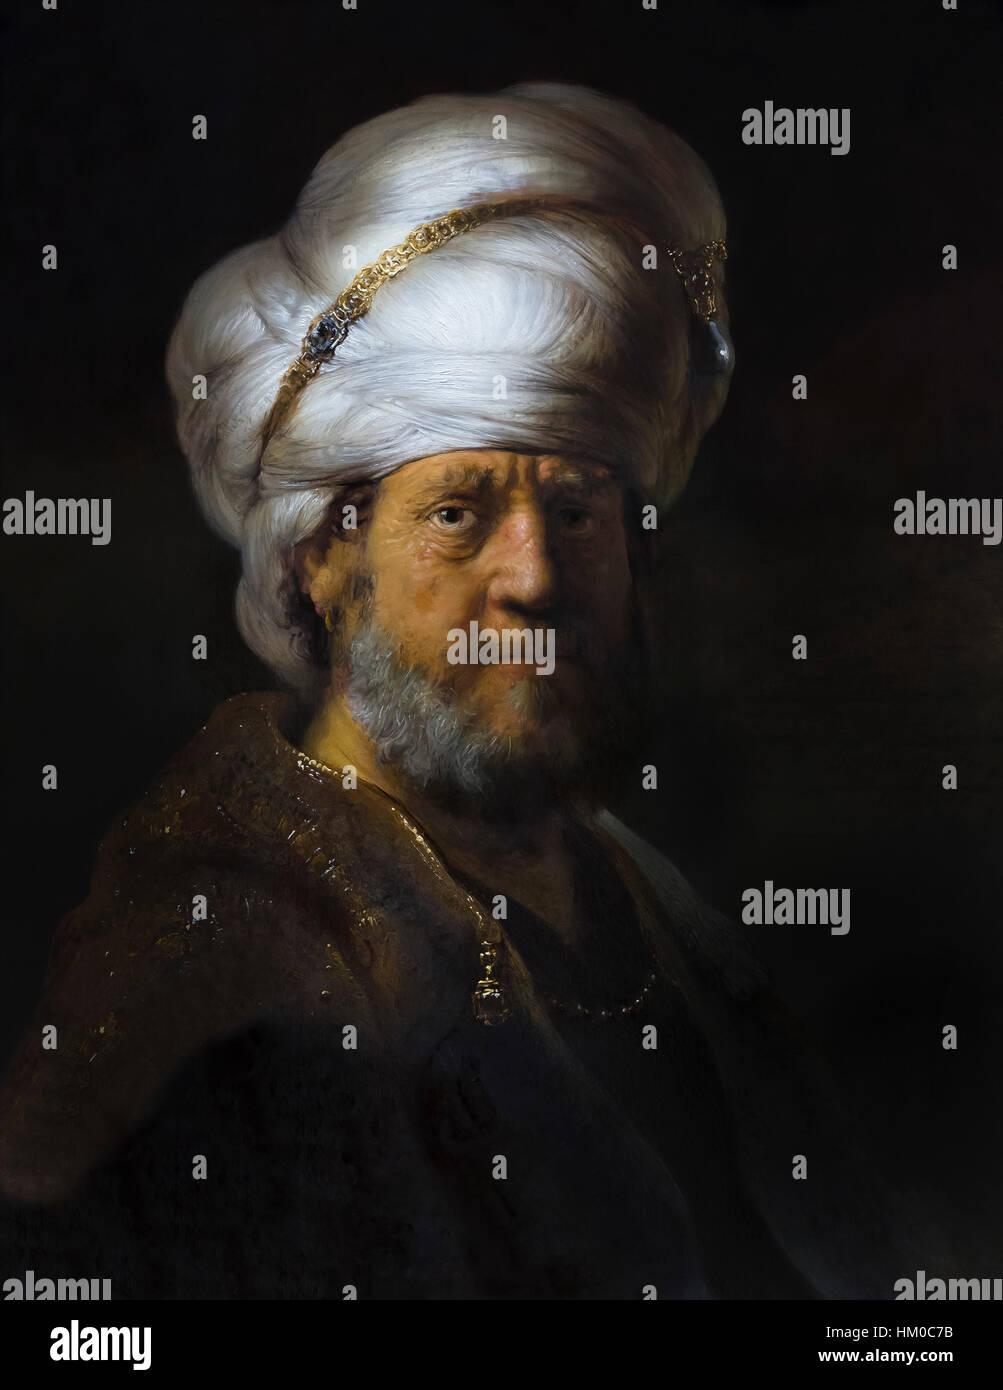 Uomo in abiti orientali, da Rembrandt,1635, olio su pannello, rijksmuseum amsterdam, Paesi Bassi, Europa Immagini Stock